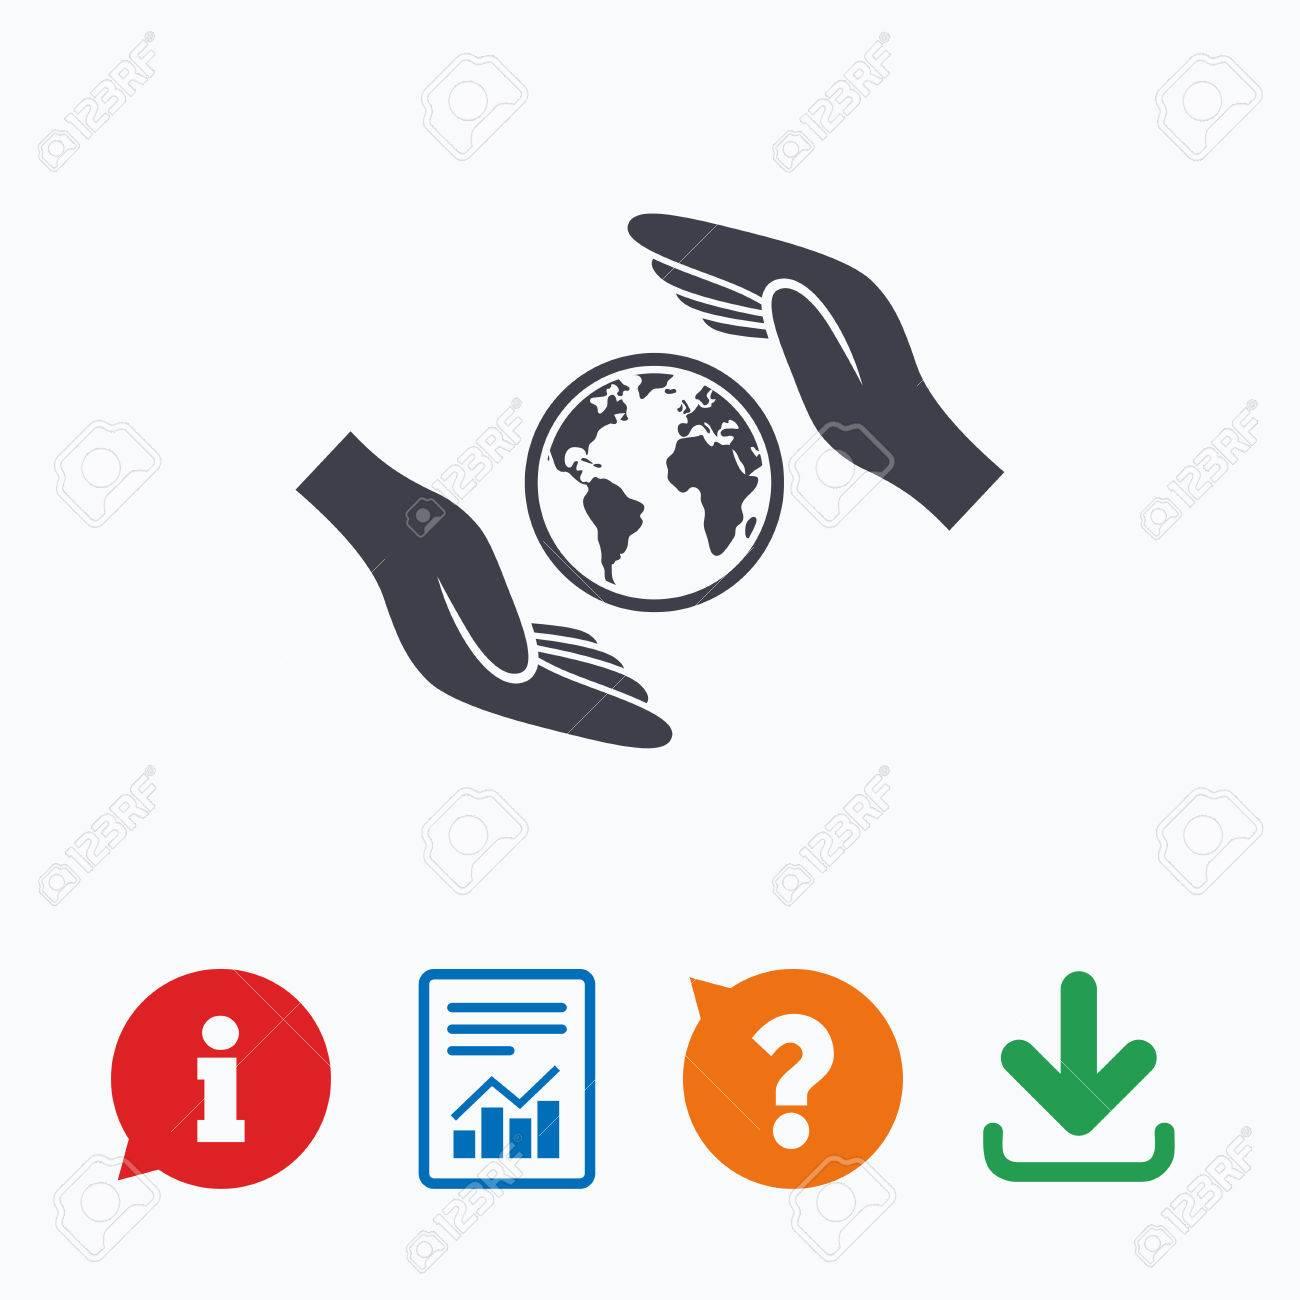 En Todo El Mundo Icono De La Muestra De Seguros Las Manos Protegen Símbolo Tapa Planeta Seguro De Viaje La Paz Mundial Información Pensar Burbuja Signo De Interrogación La Descarga Y El